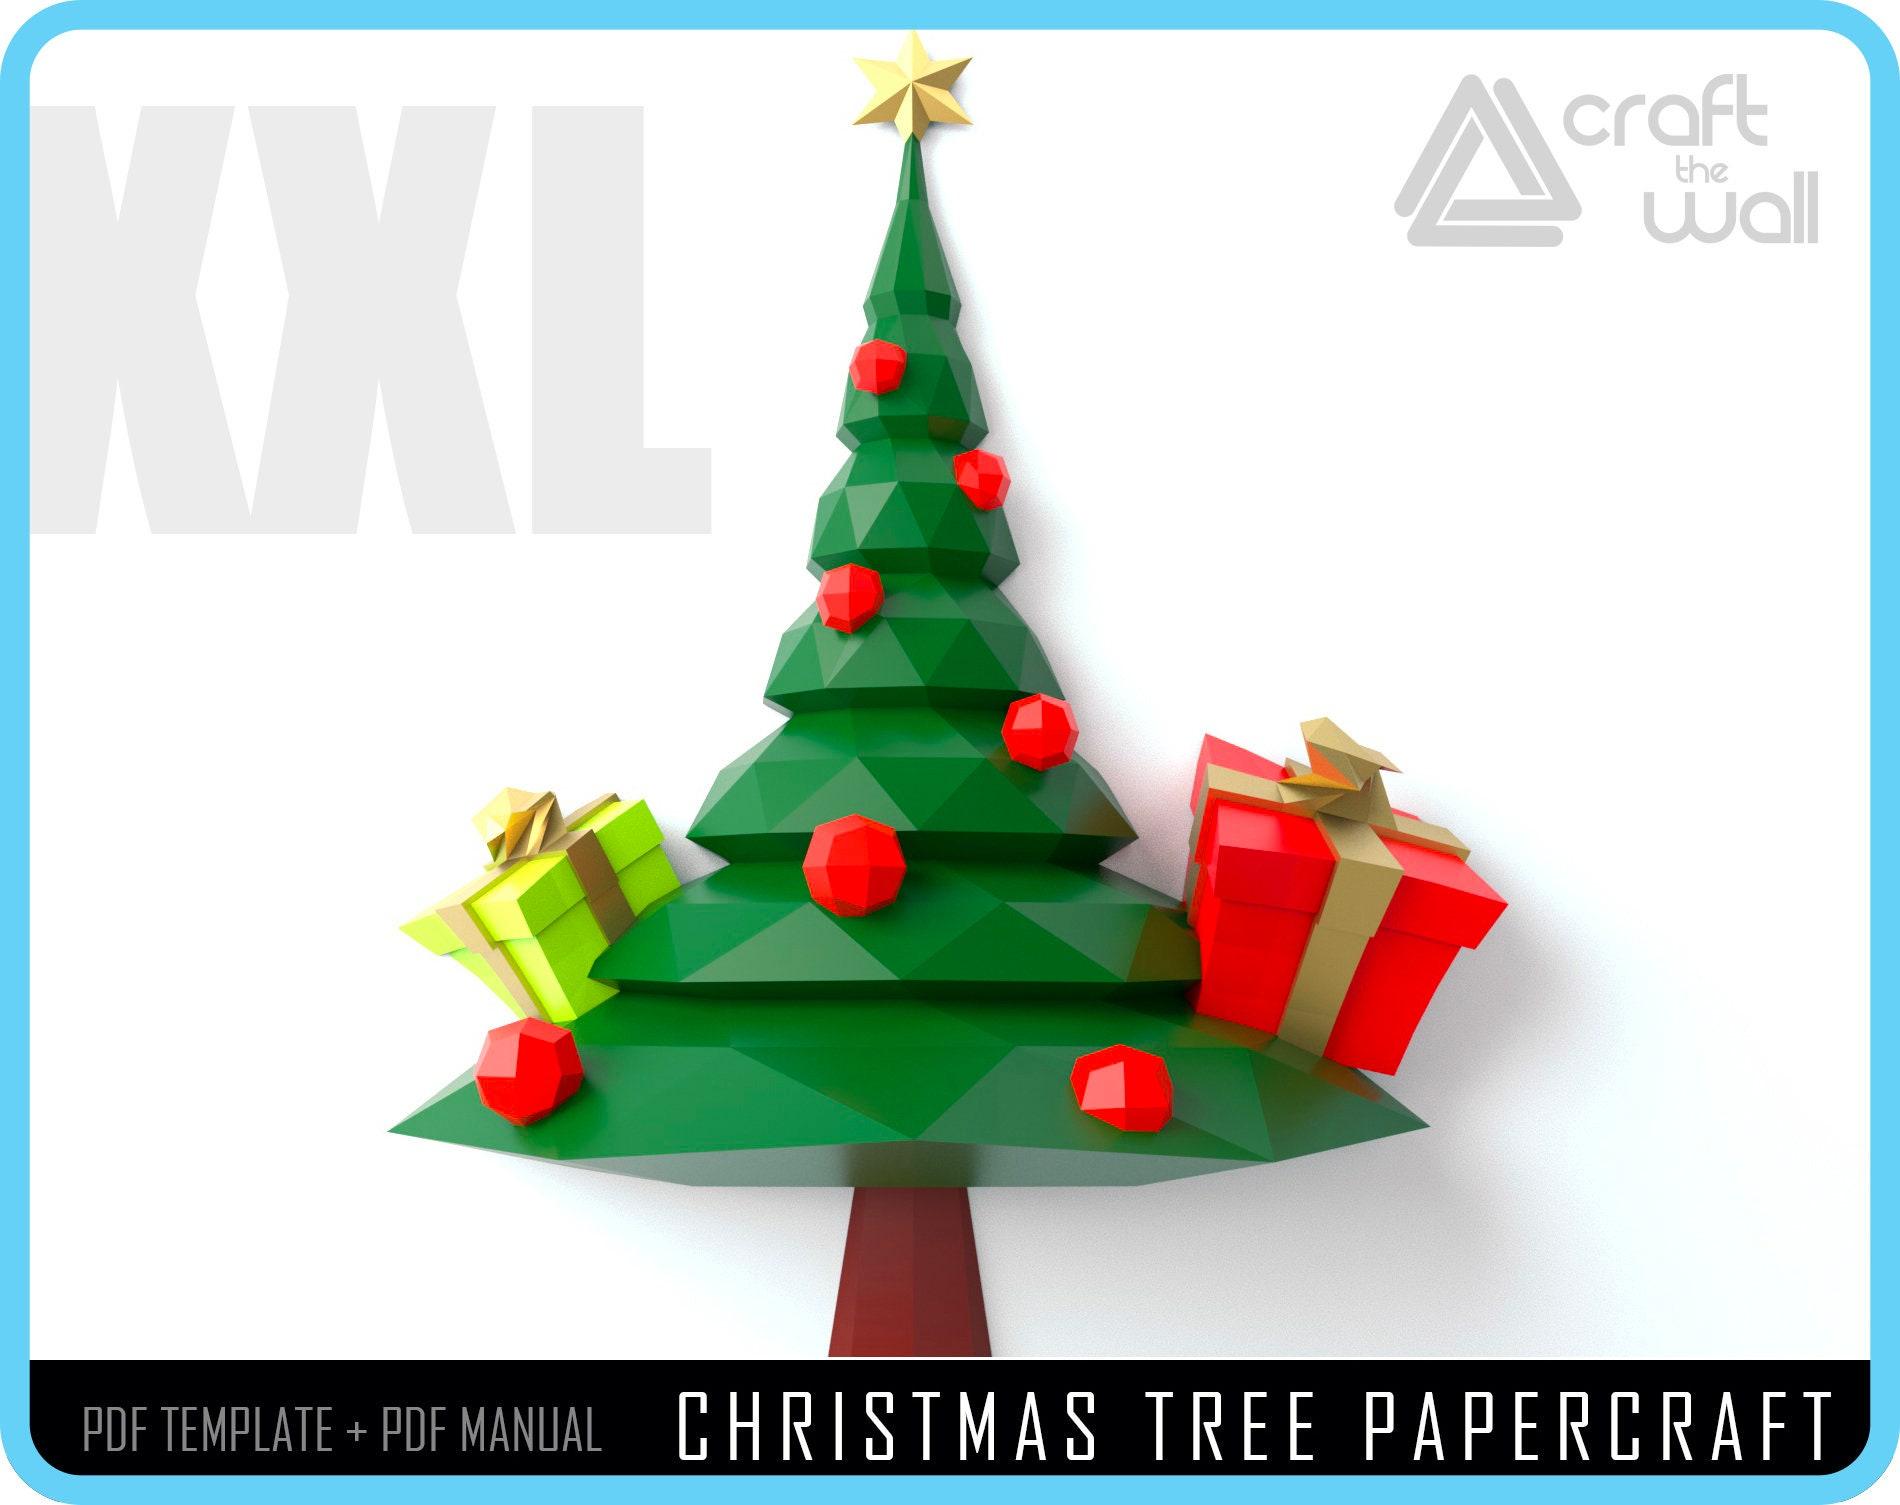 PAPERCRAFT CHRISTMAS Tree Papercraft DIY Christmas papercraft